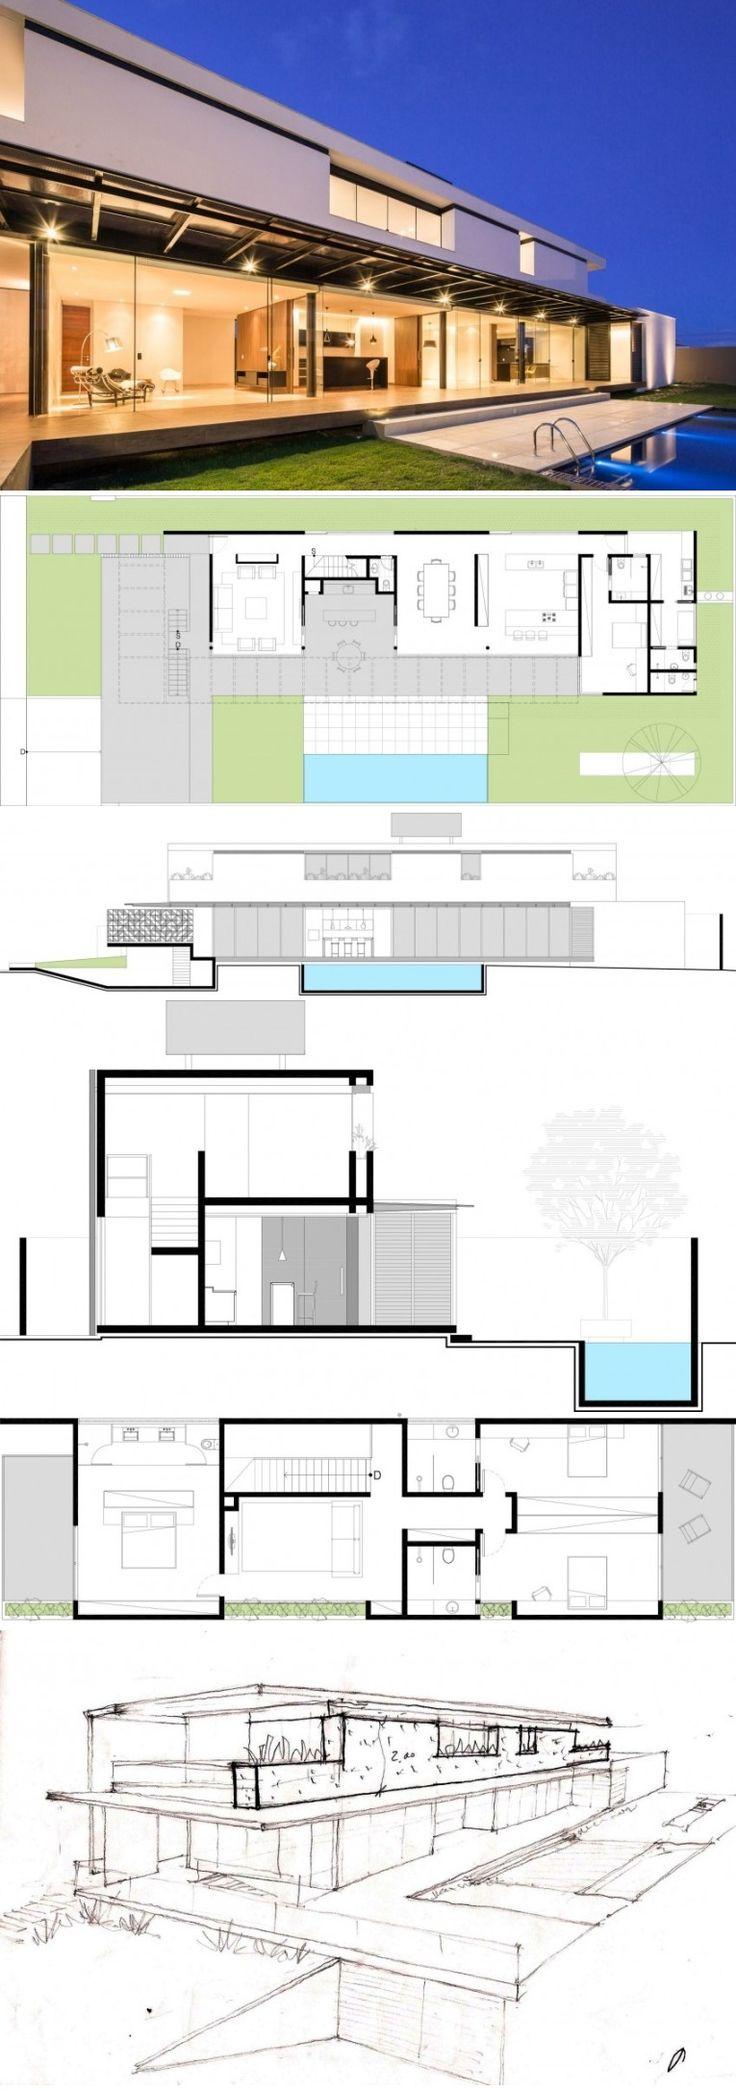 17 migliori idee su planimetrie di case su pinterest for Progetti di chiese e planimetrie